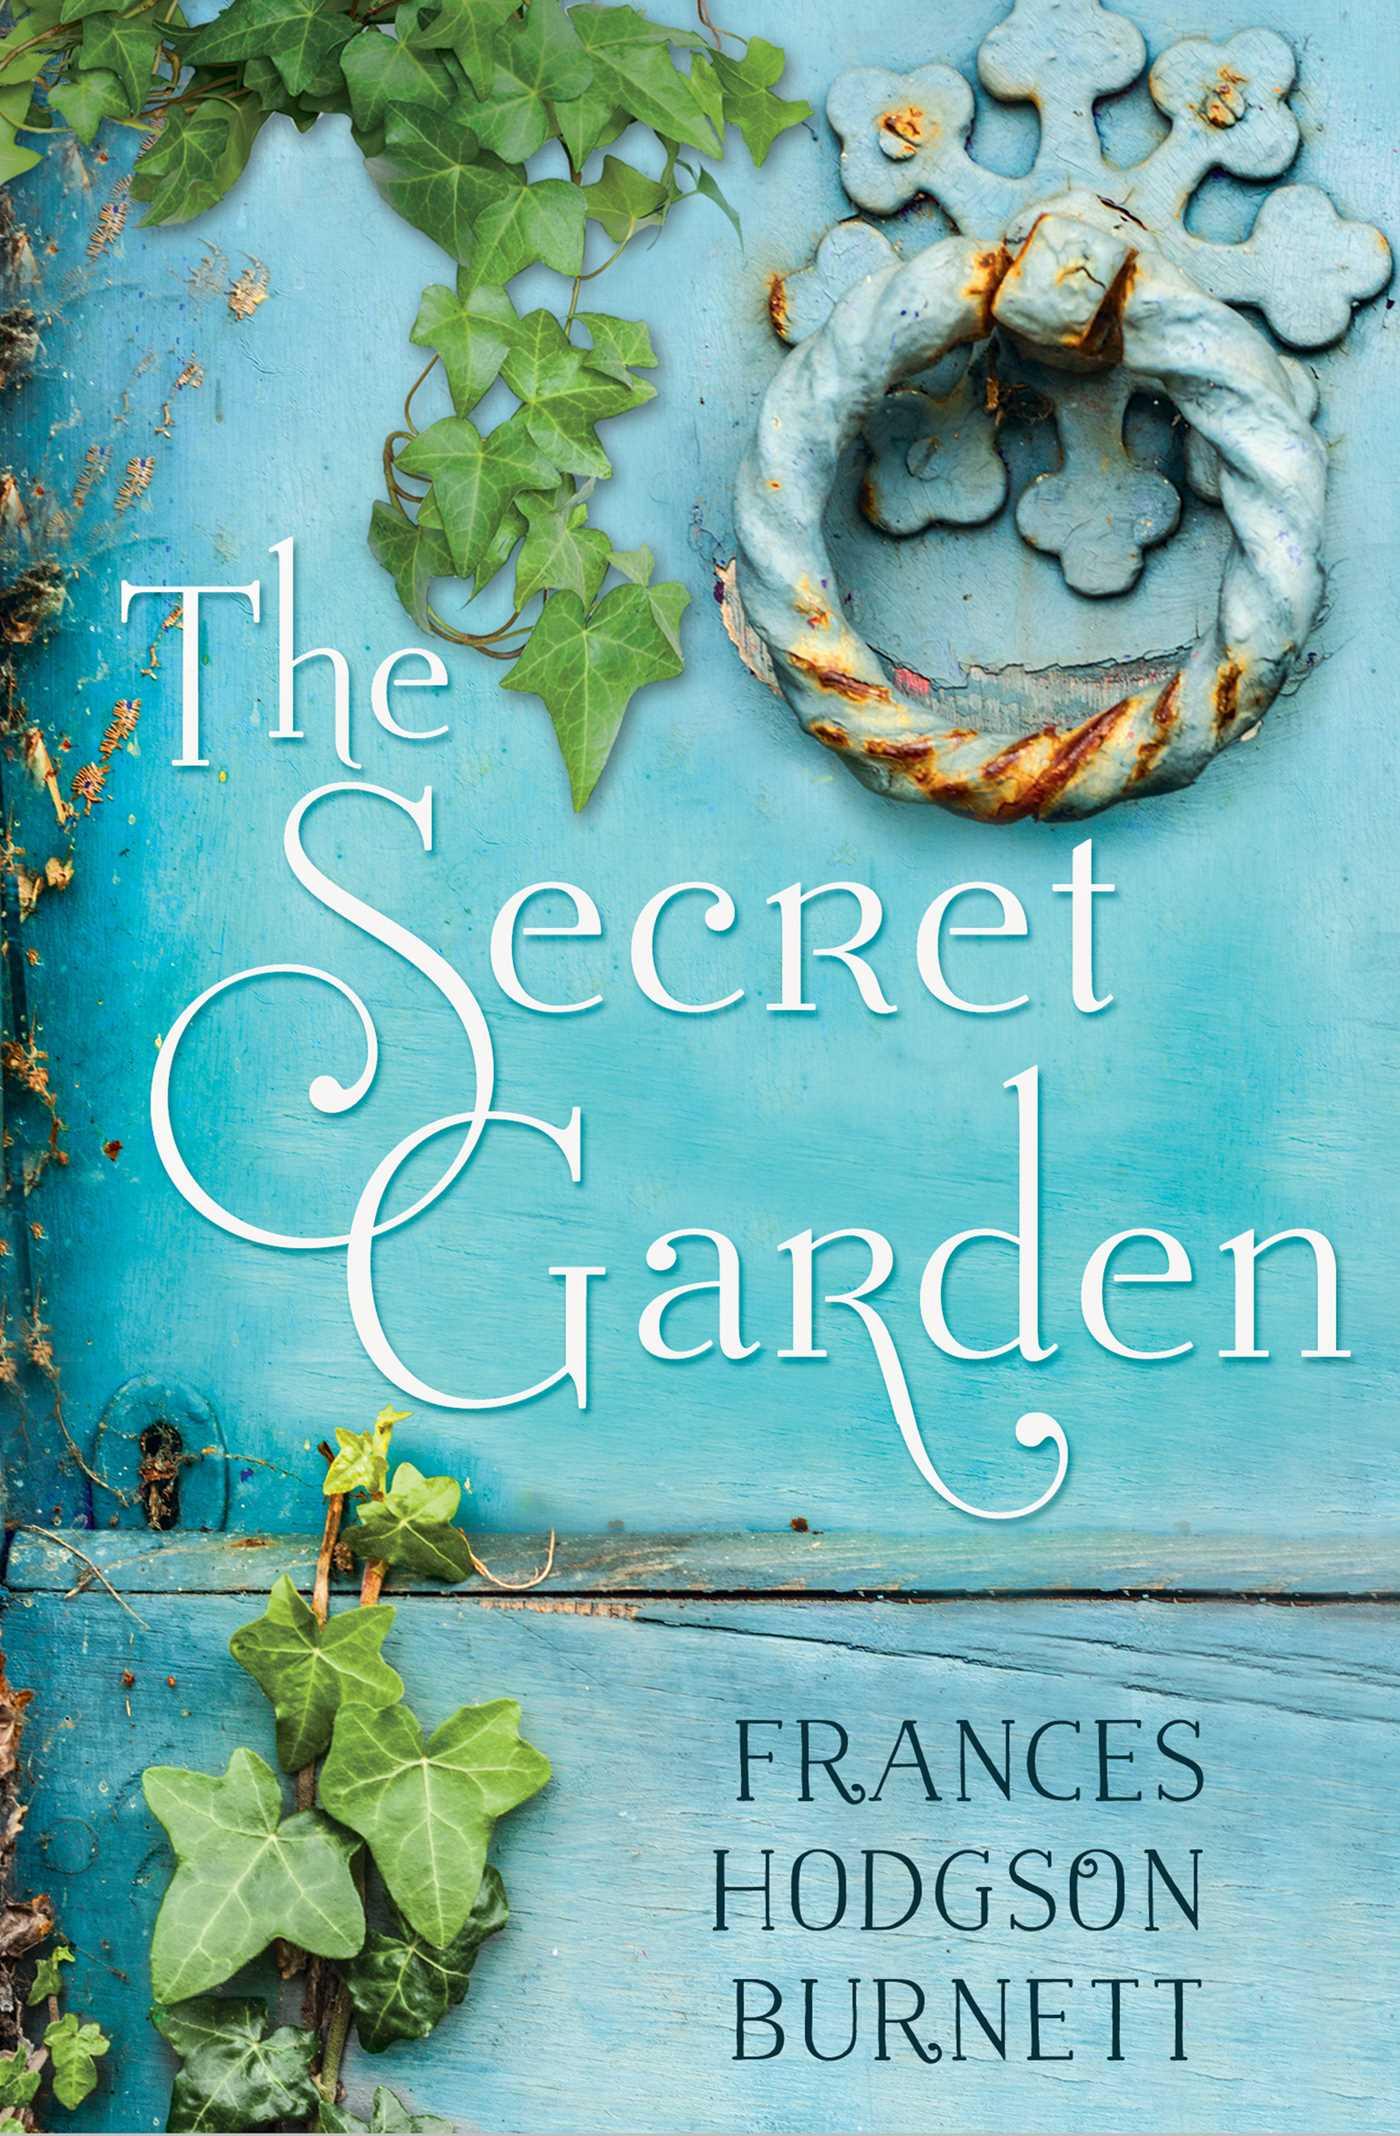 The Secret Garden eBook by Frances Hodgson Burnett ...